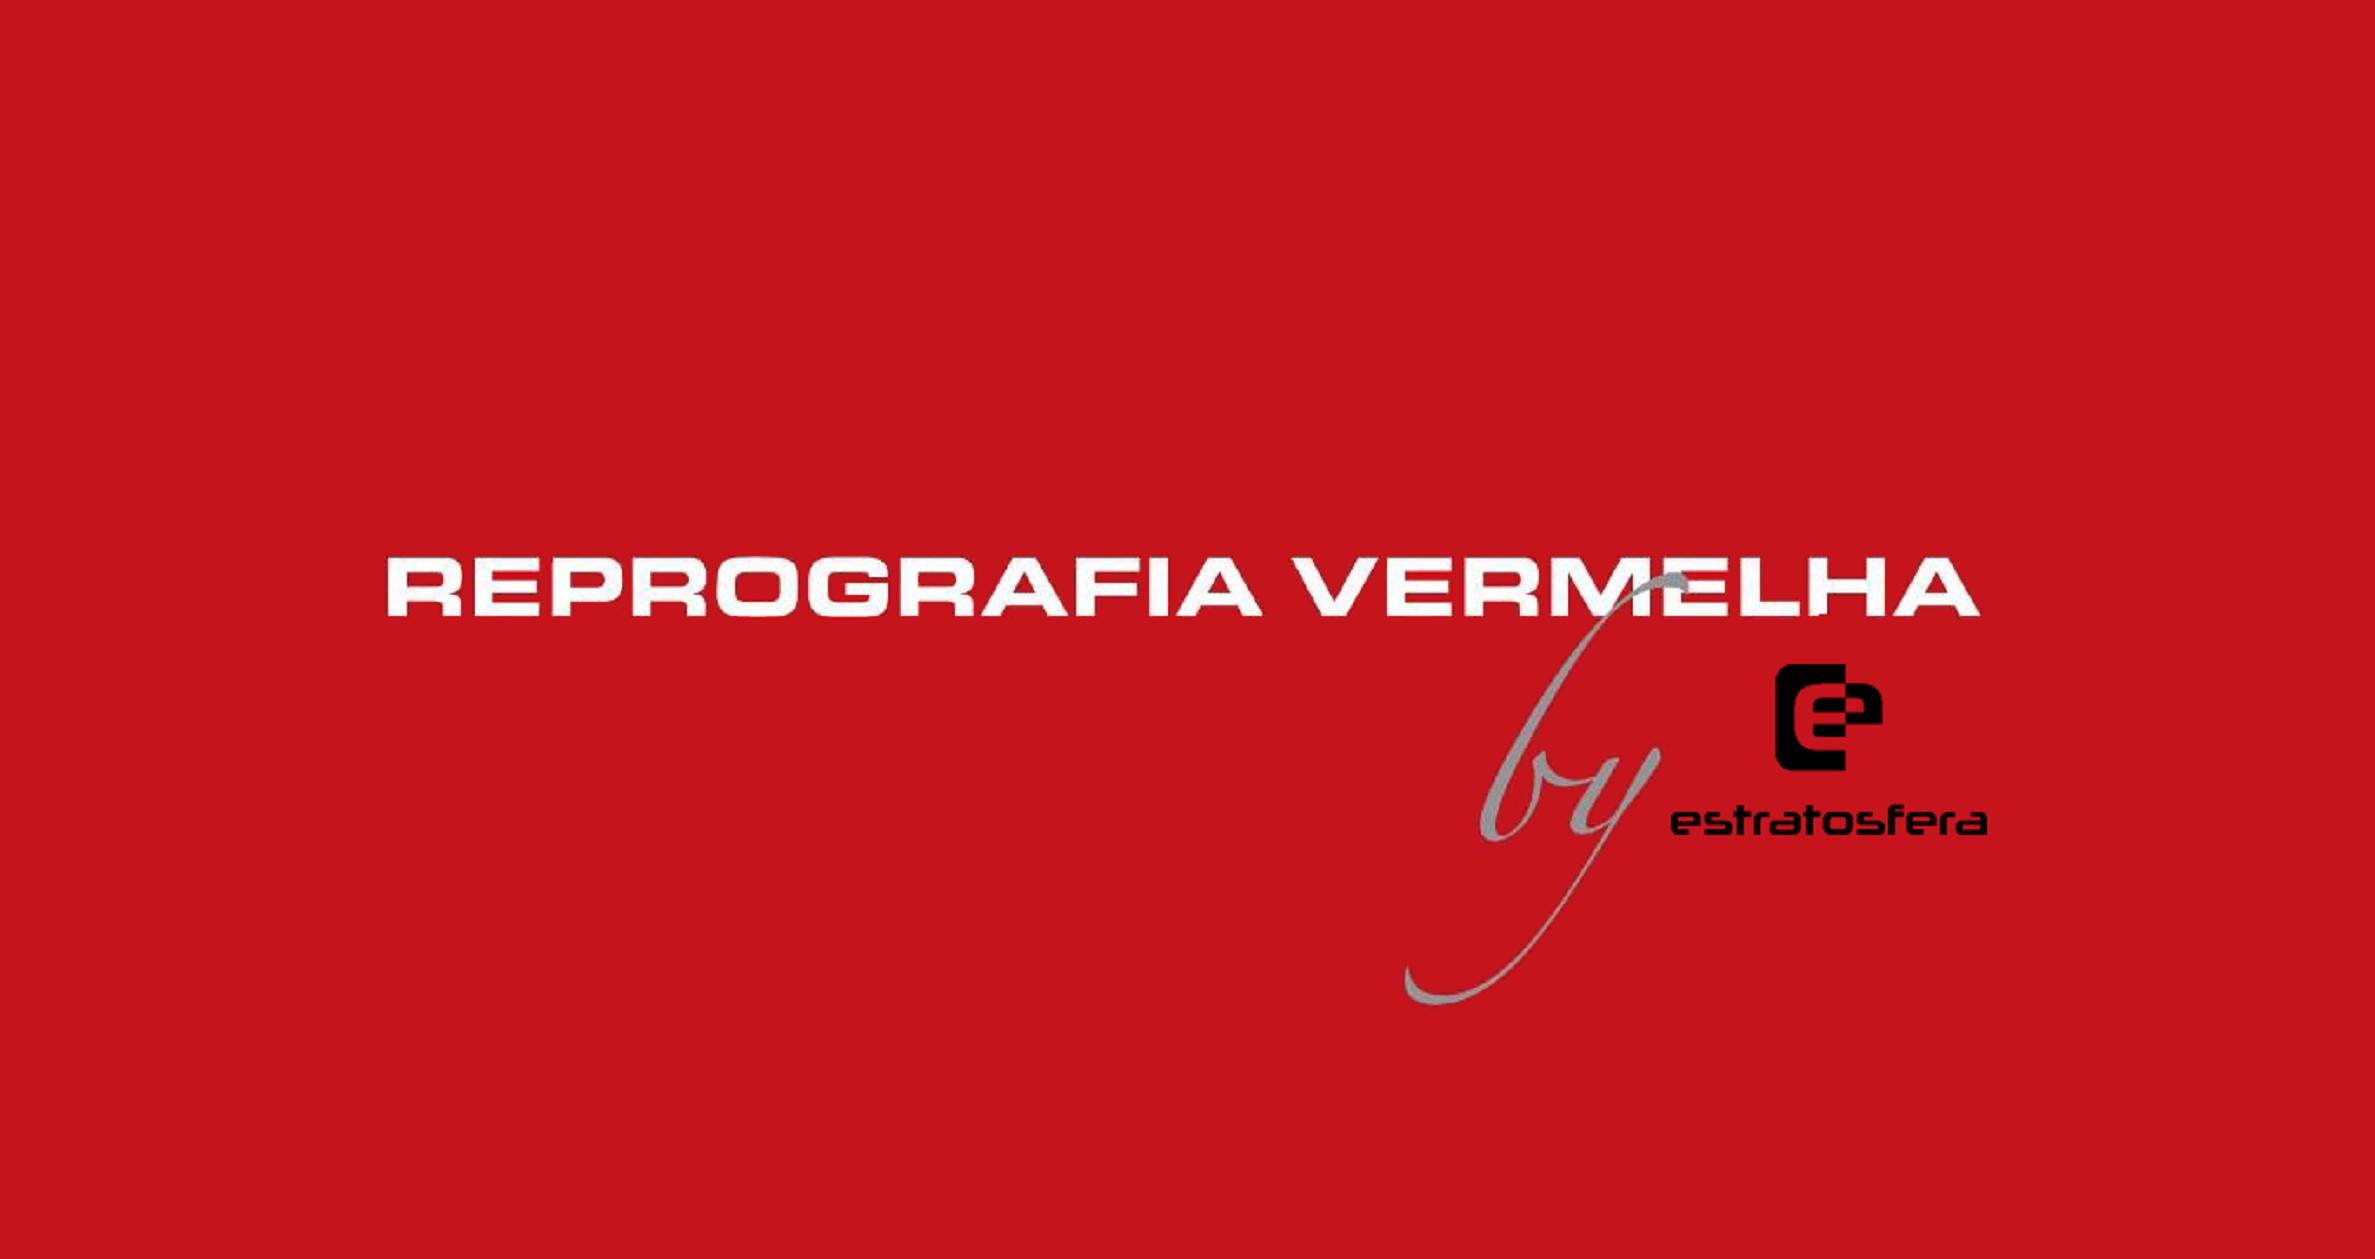 reprografia-vermelha-1